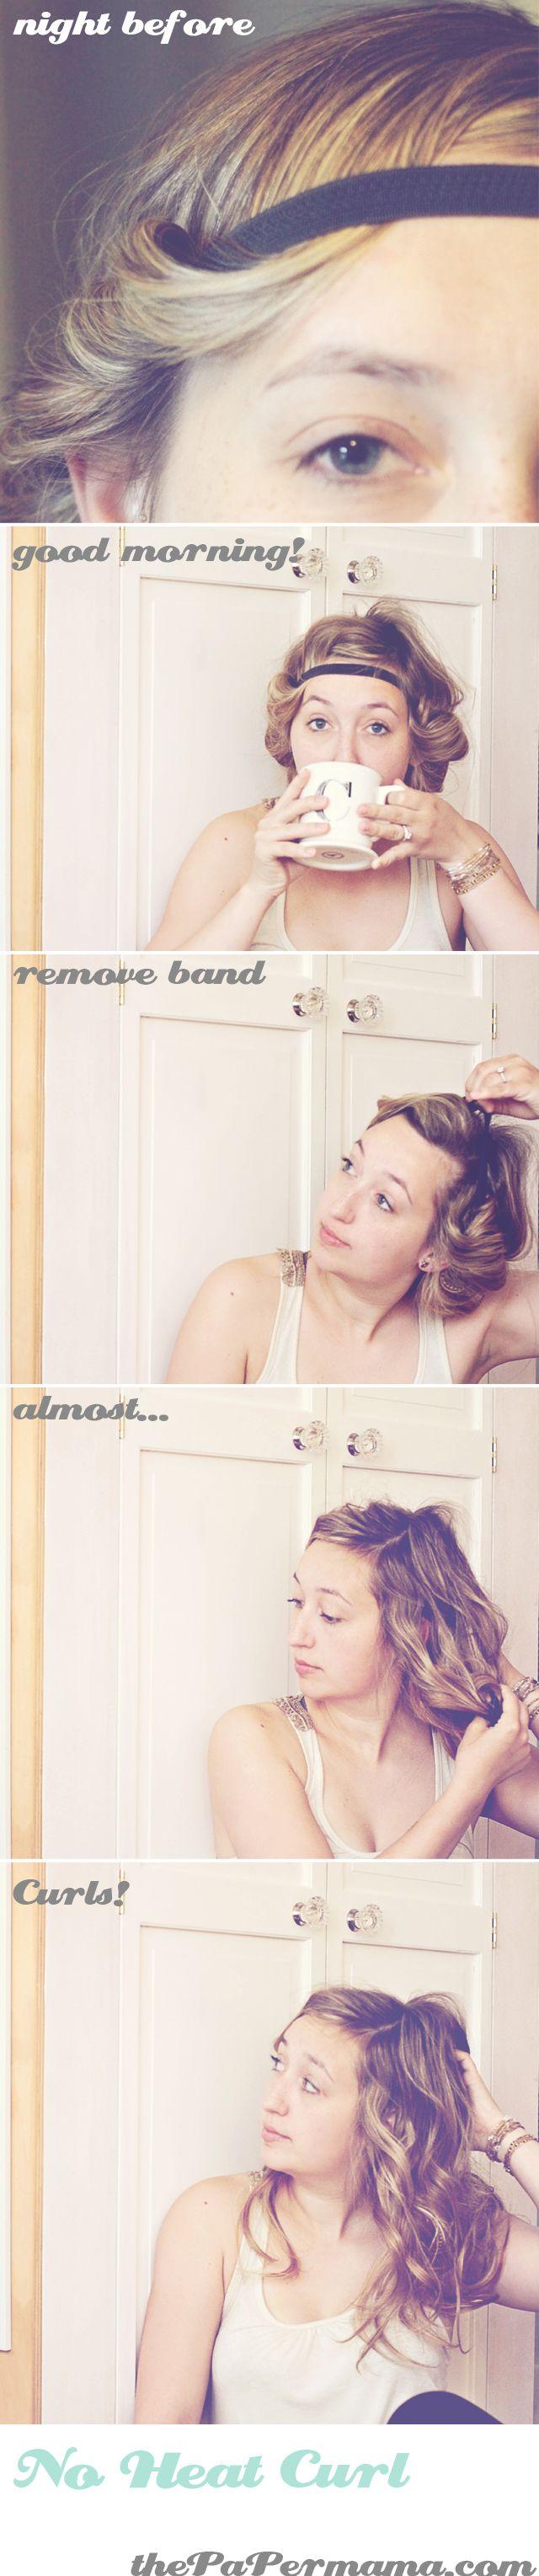 Hair Tutorial: No Heat Curl